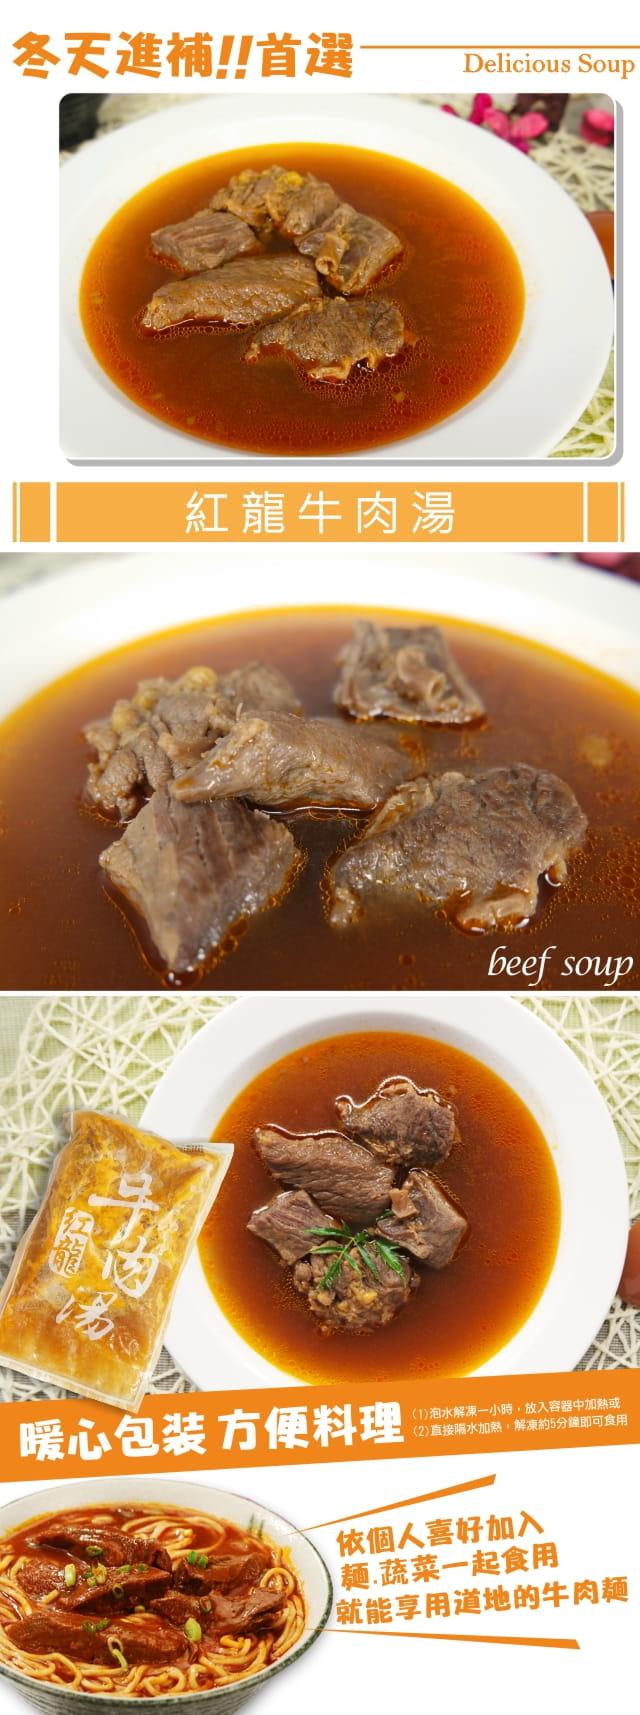 【老爸ㄟ廚房】濃郁紅龍牛肉湯( 450g±10%/包) 2